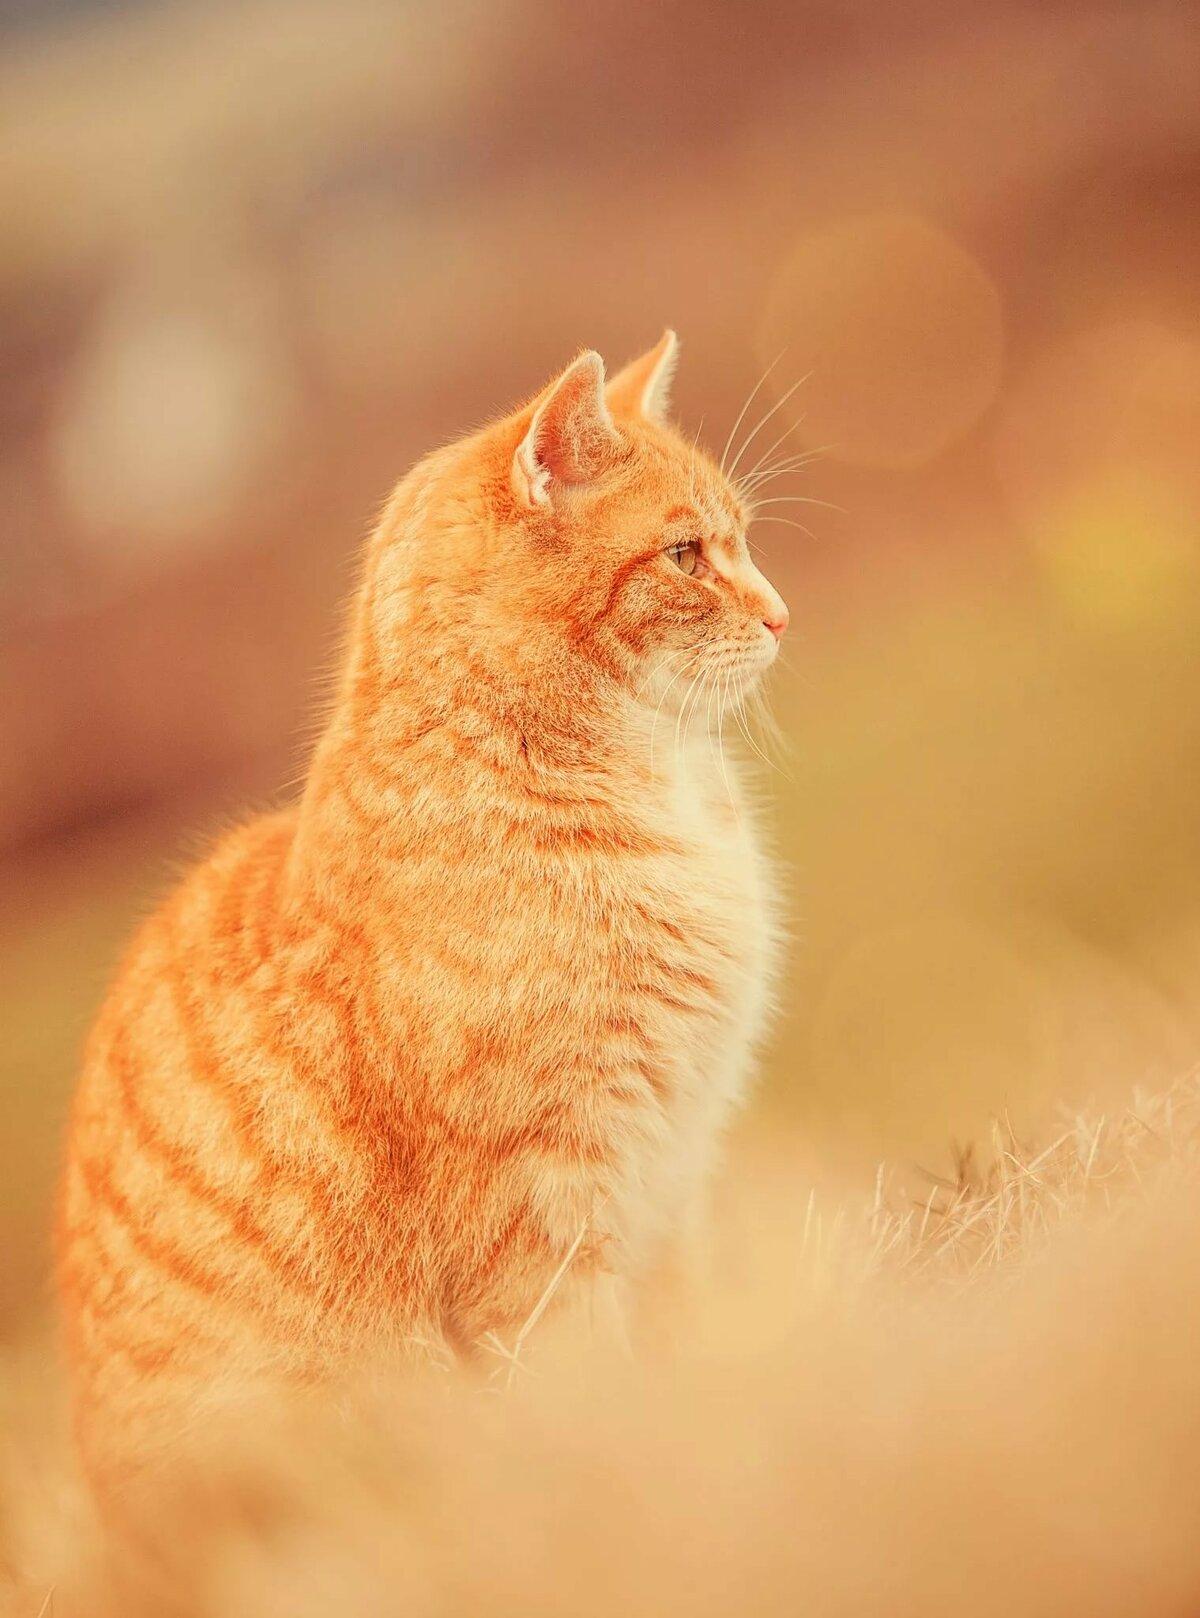 фото для авы солнечная кошка приключений